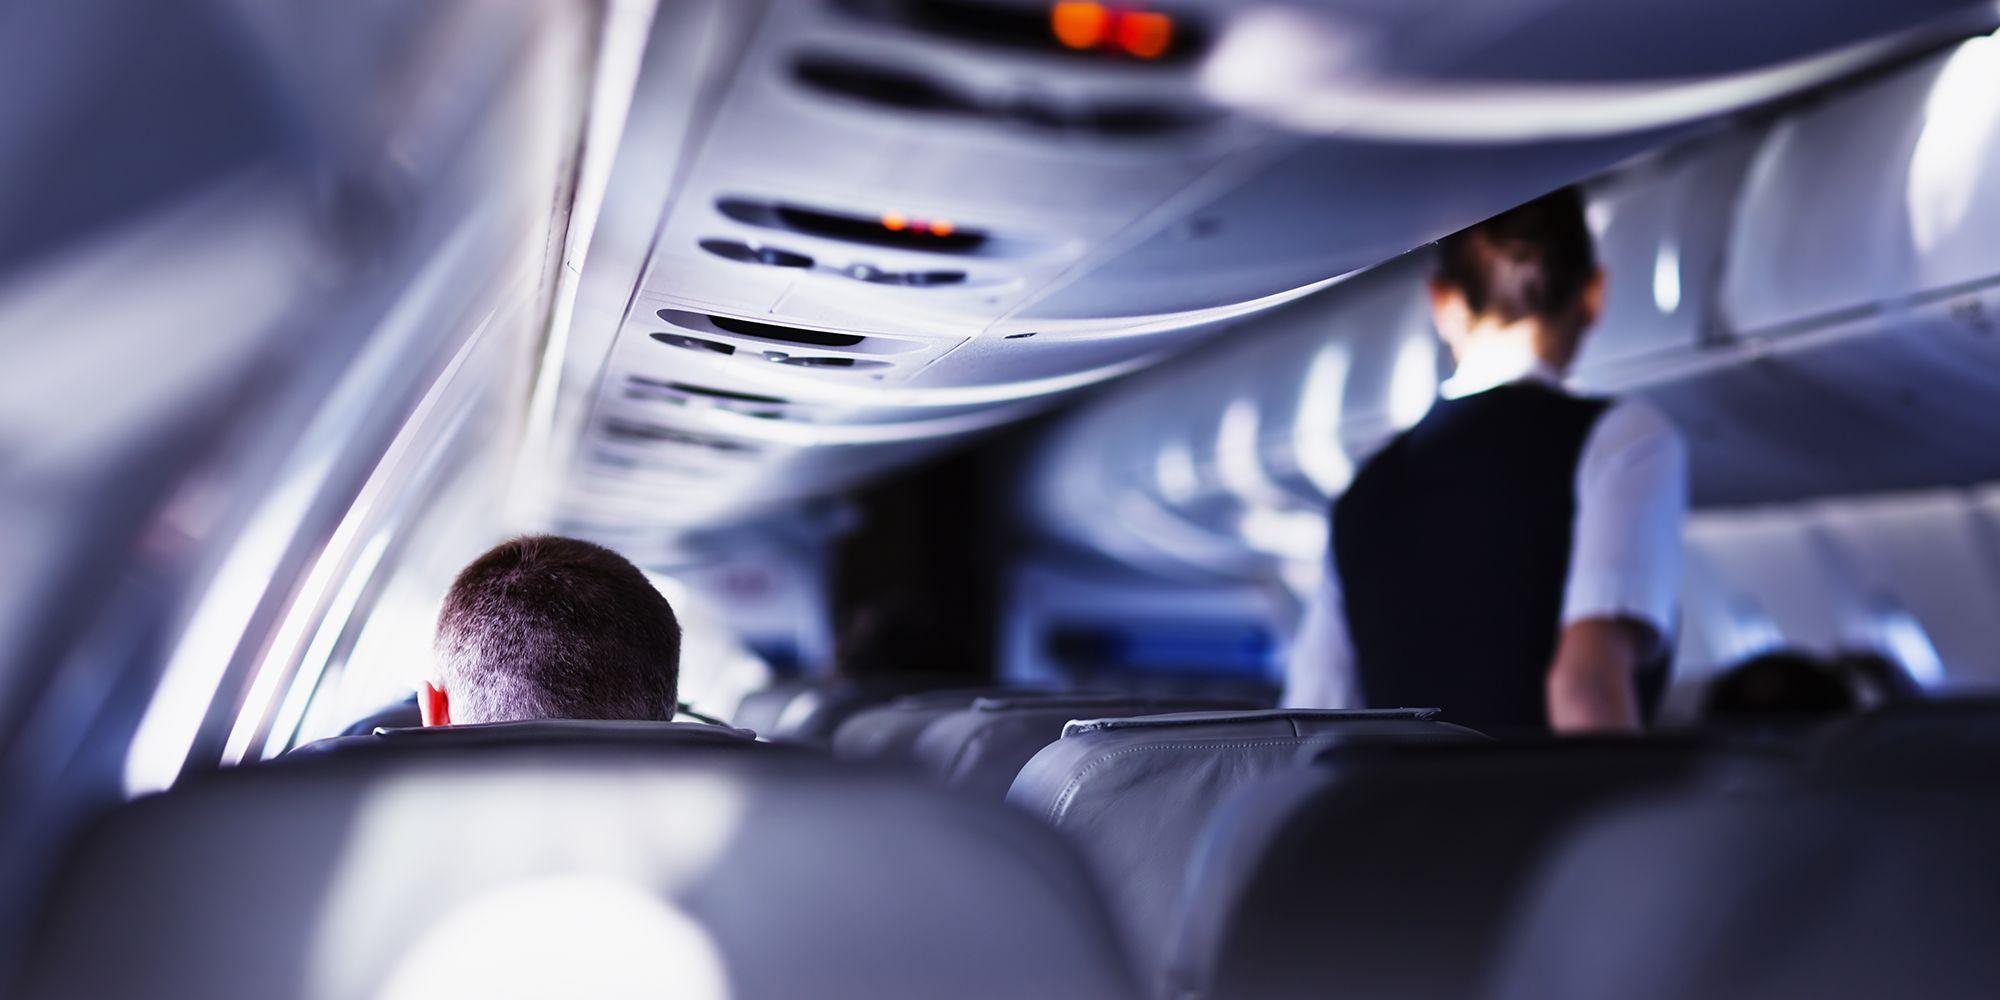 'How I got my job as a flight attendant'